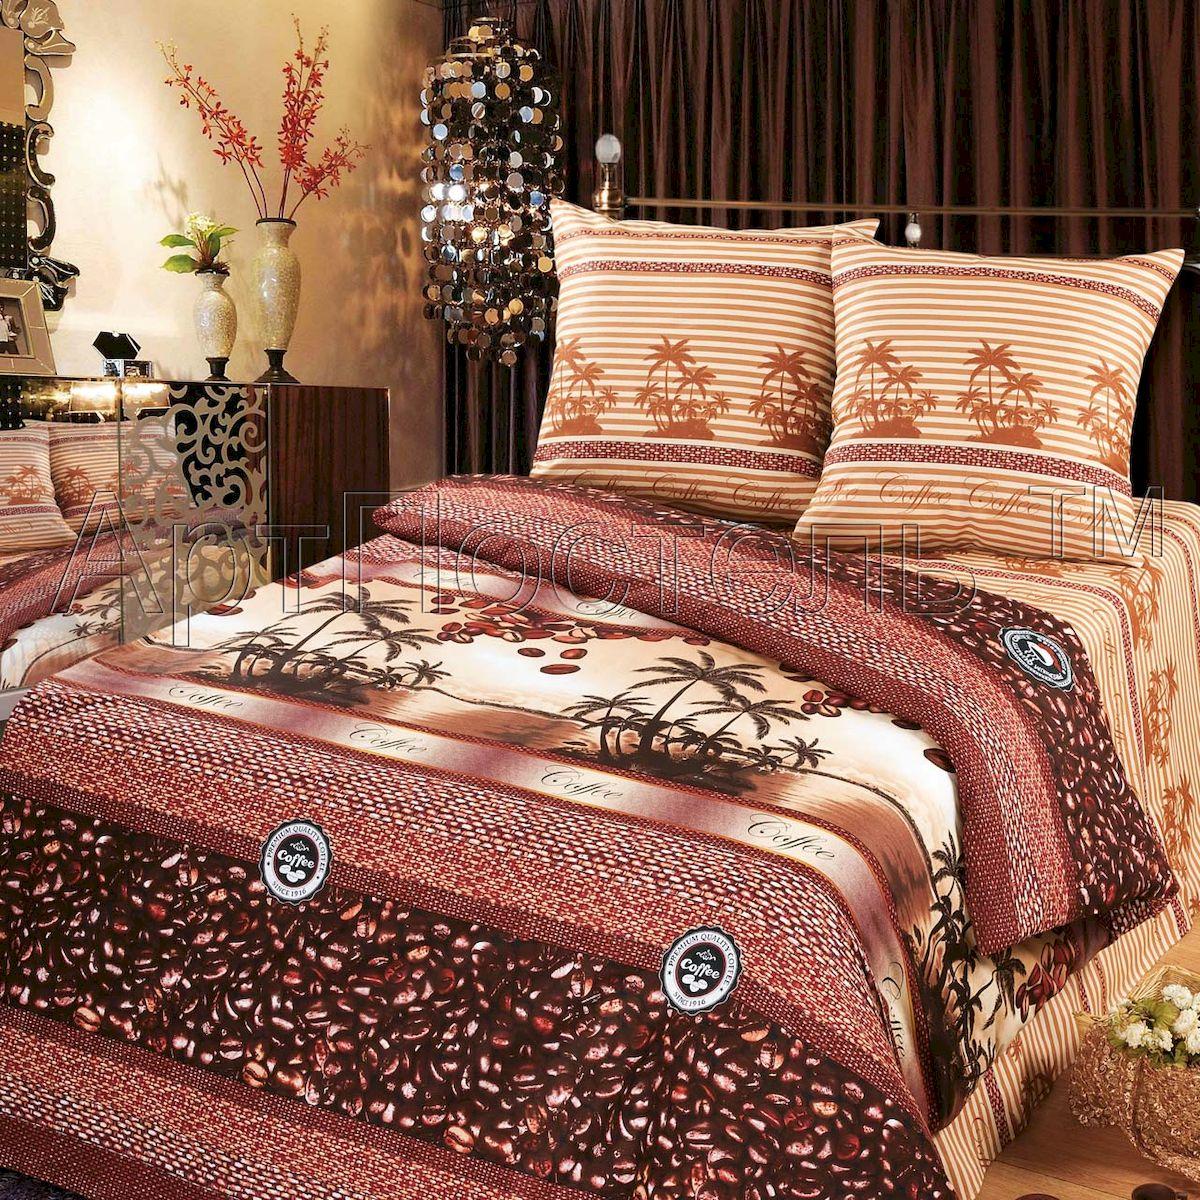 Комплект белья АртПостель Кофе, 2-спальный, наволочки 70x70 цена артпостель